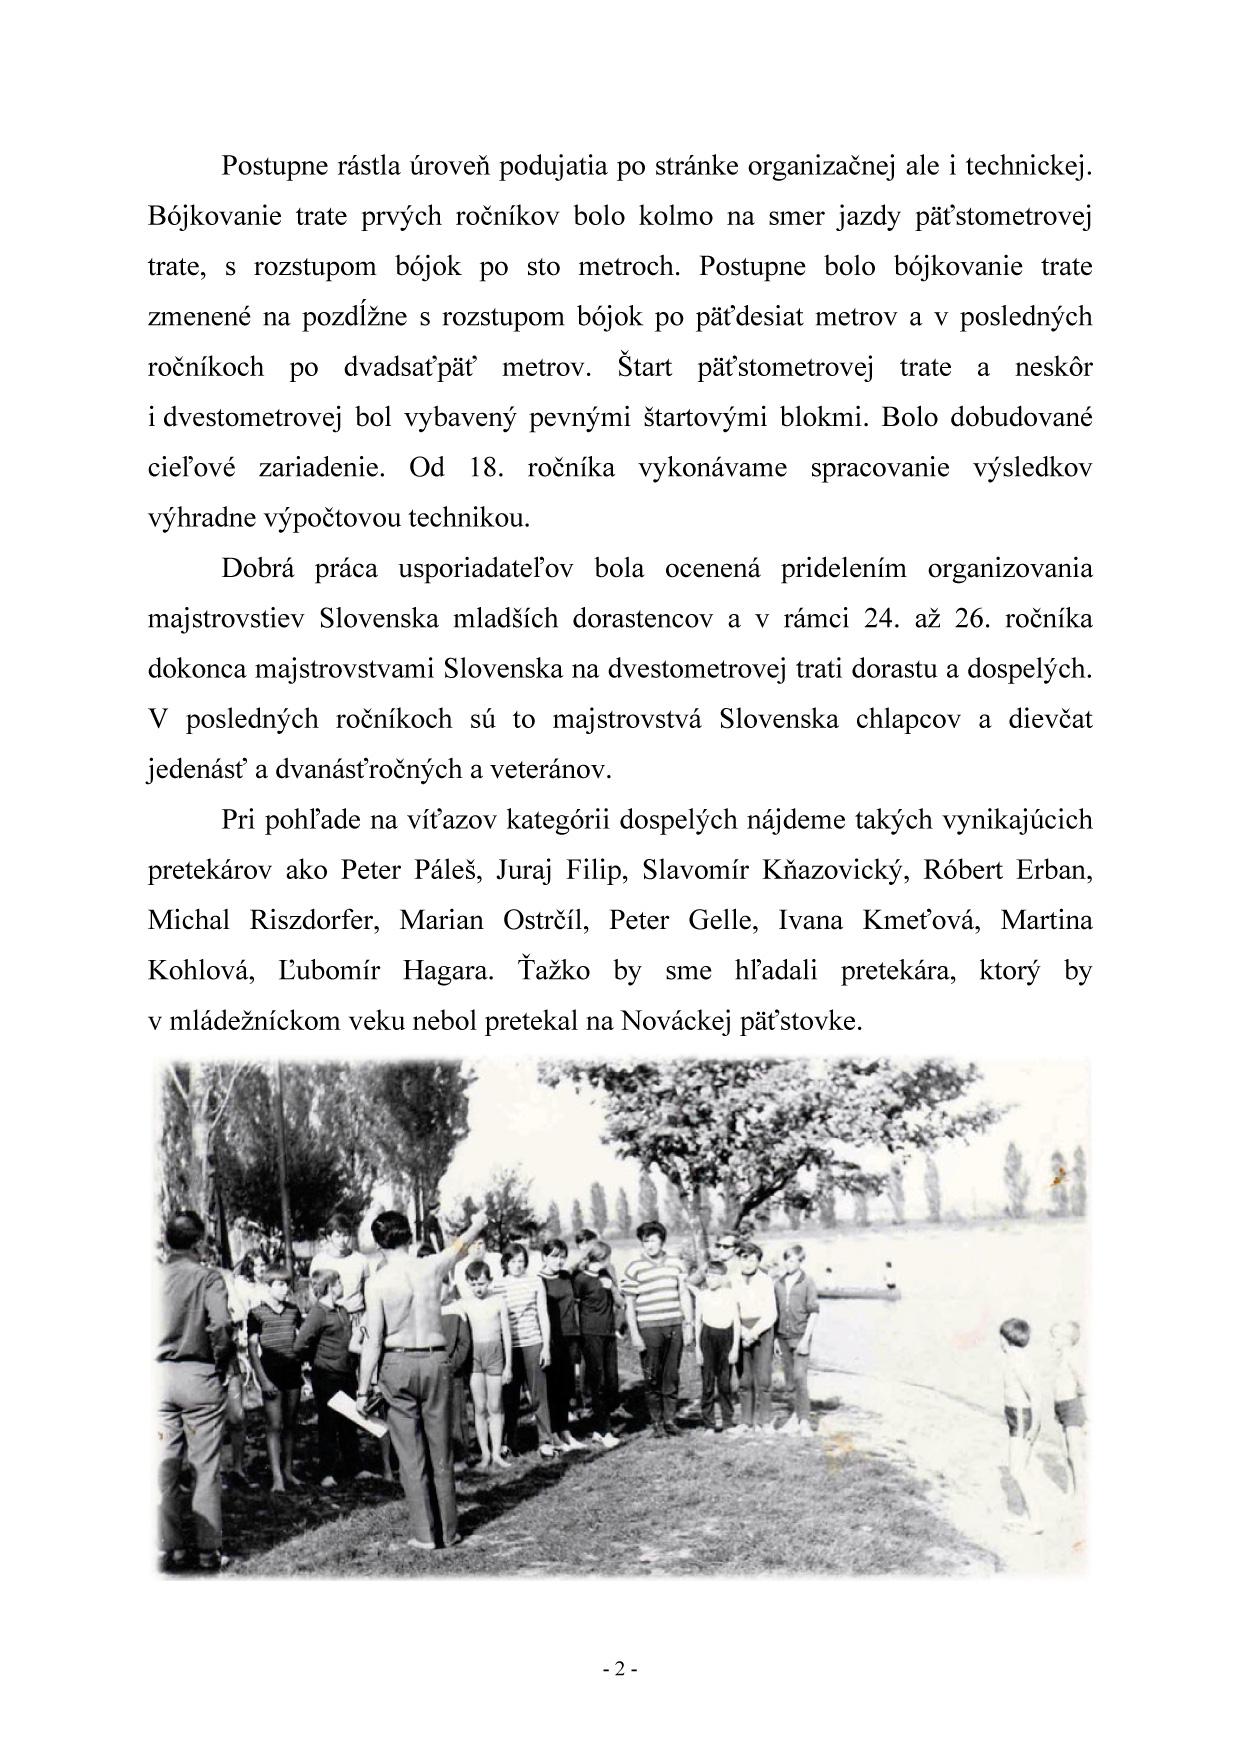 Bulletin pri príležitosti 40. ročník Nováckej päťstovky, strana 4